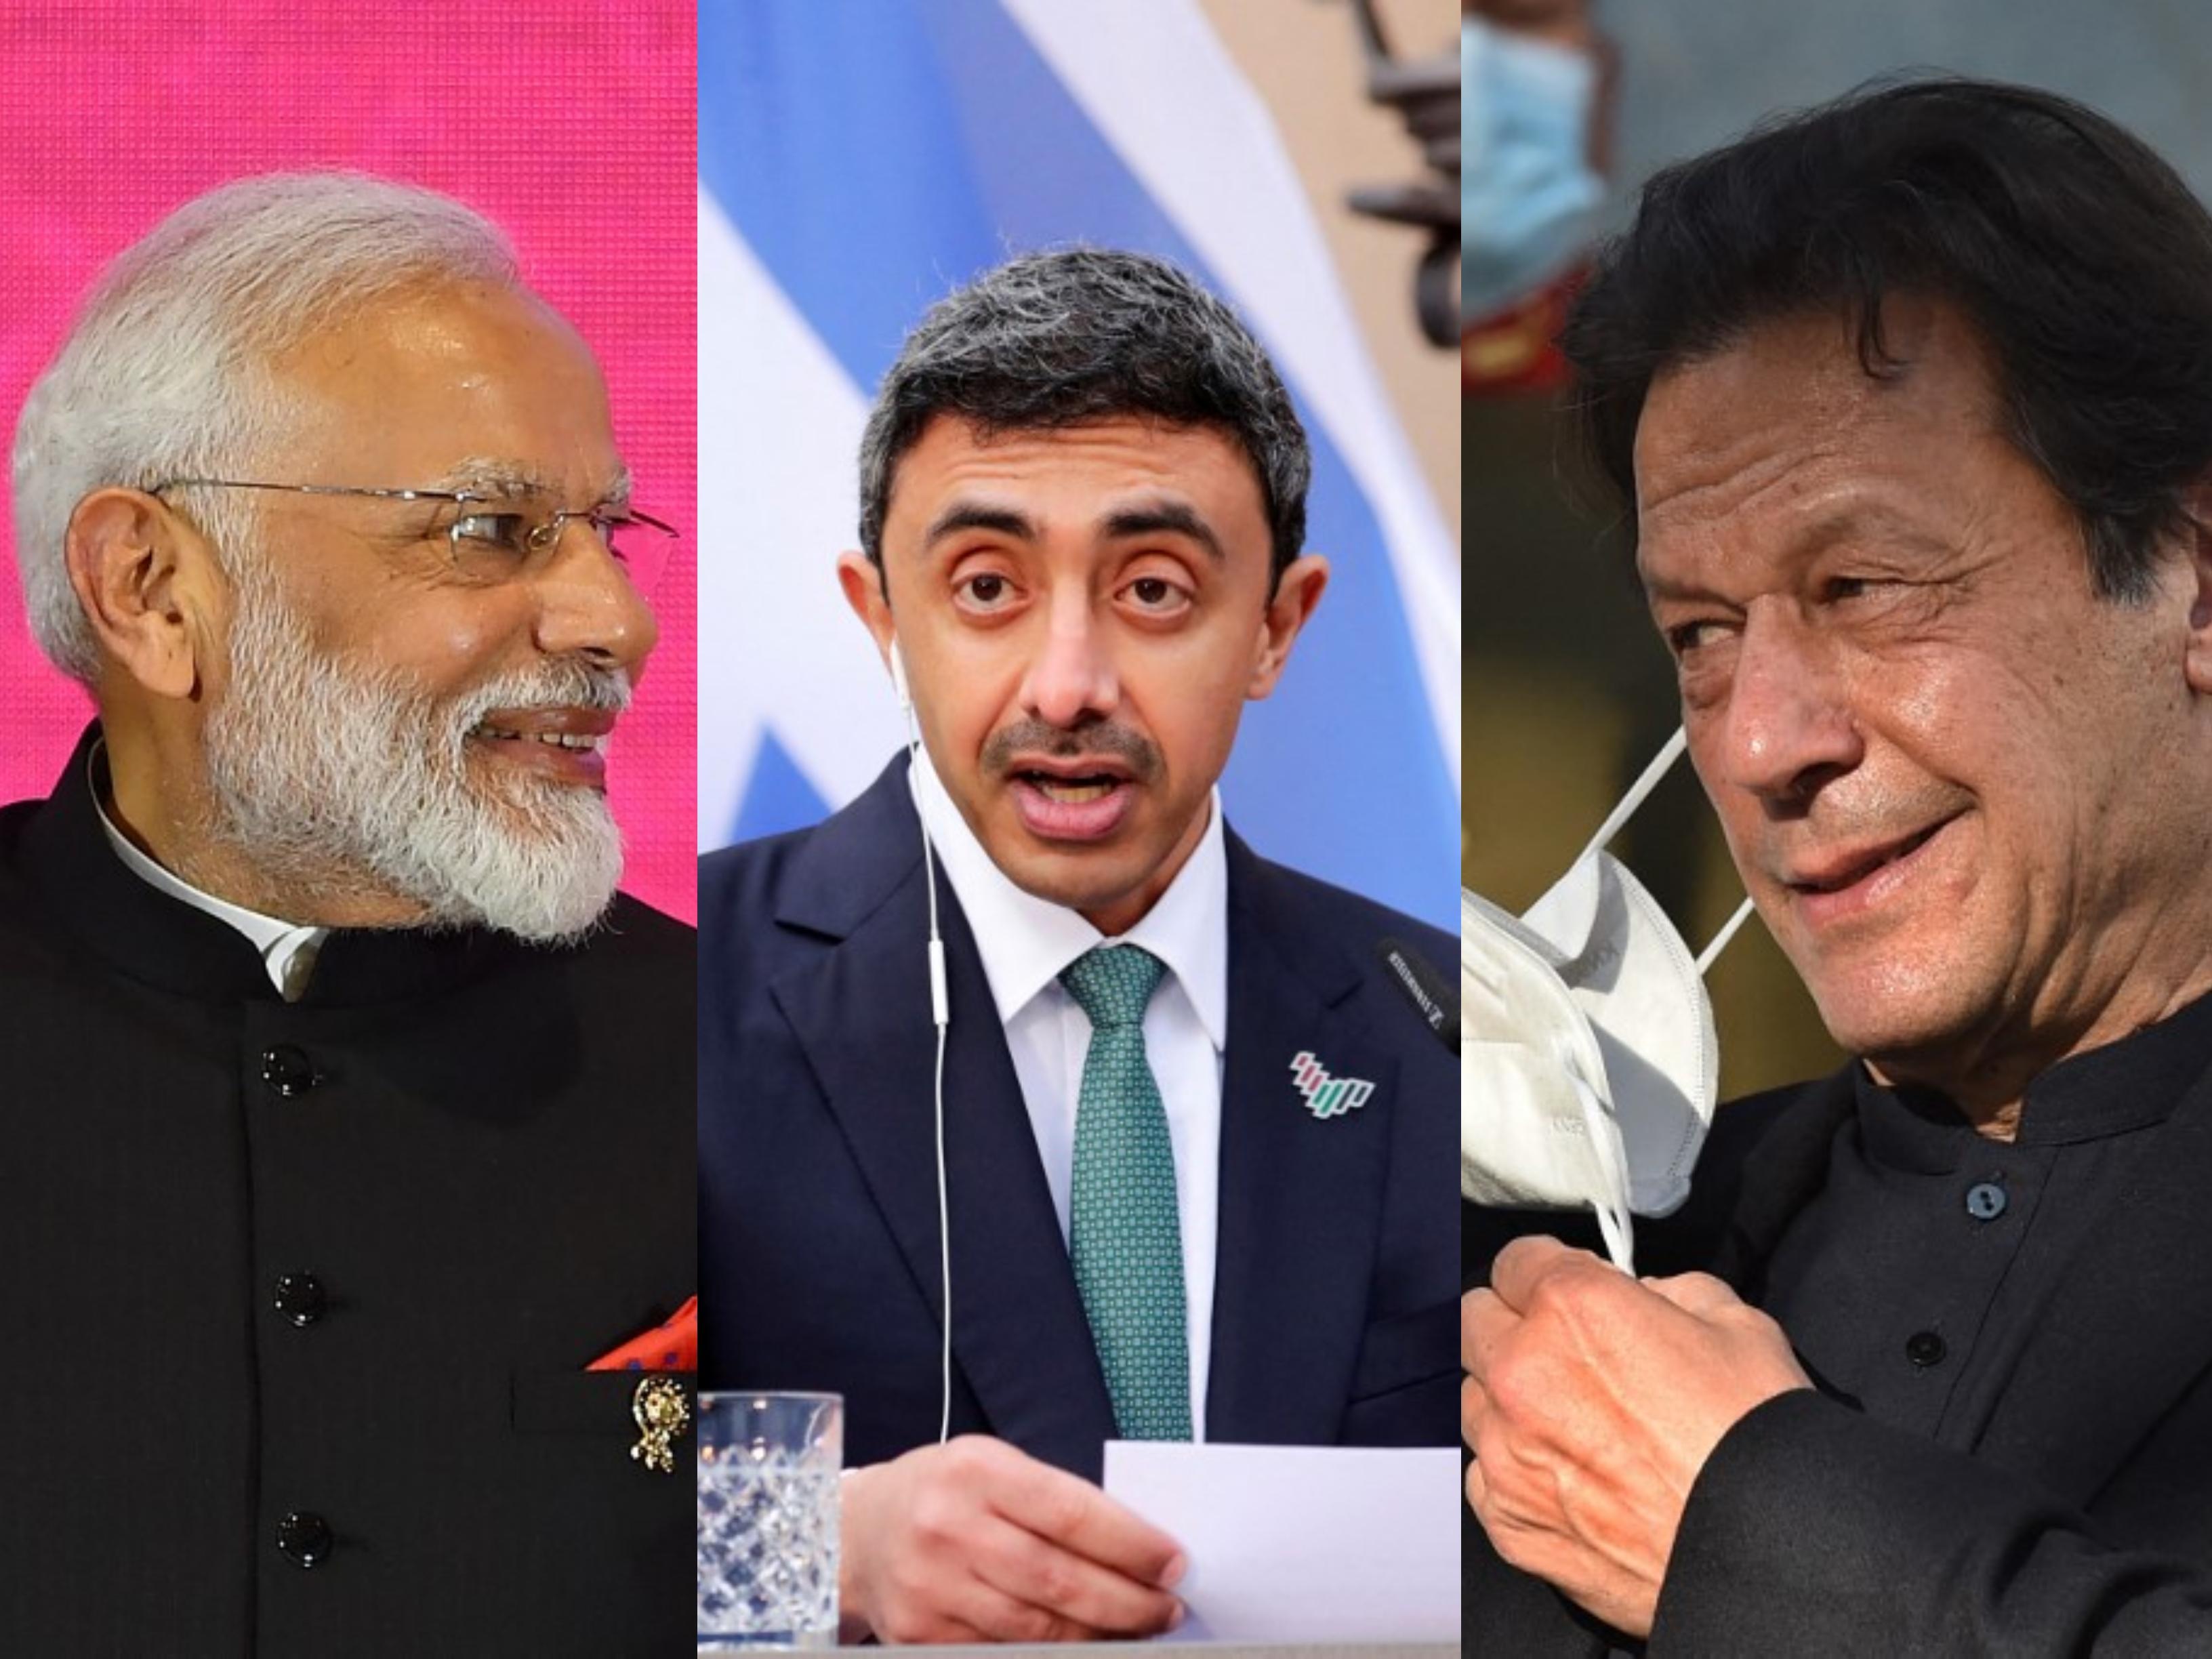 الإمارات العربية المتحدة تشع القوة في محادثات المصالحة بين الهند وباكستان